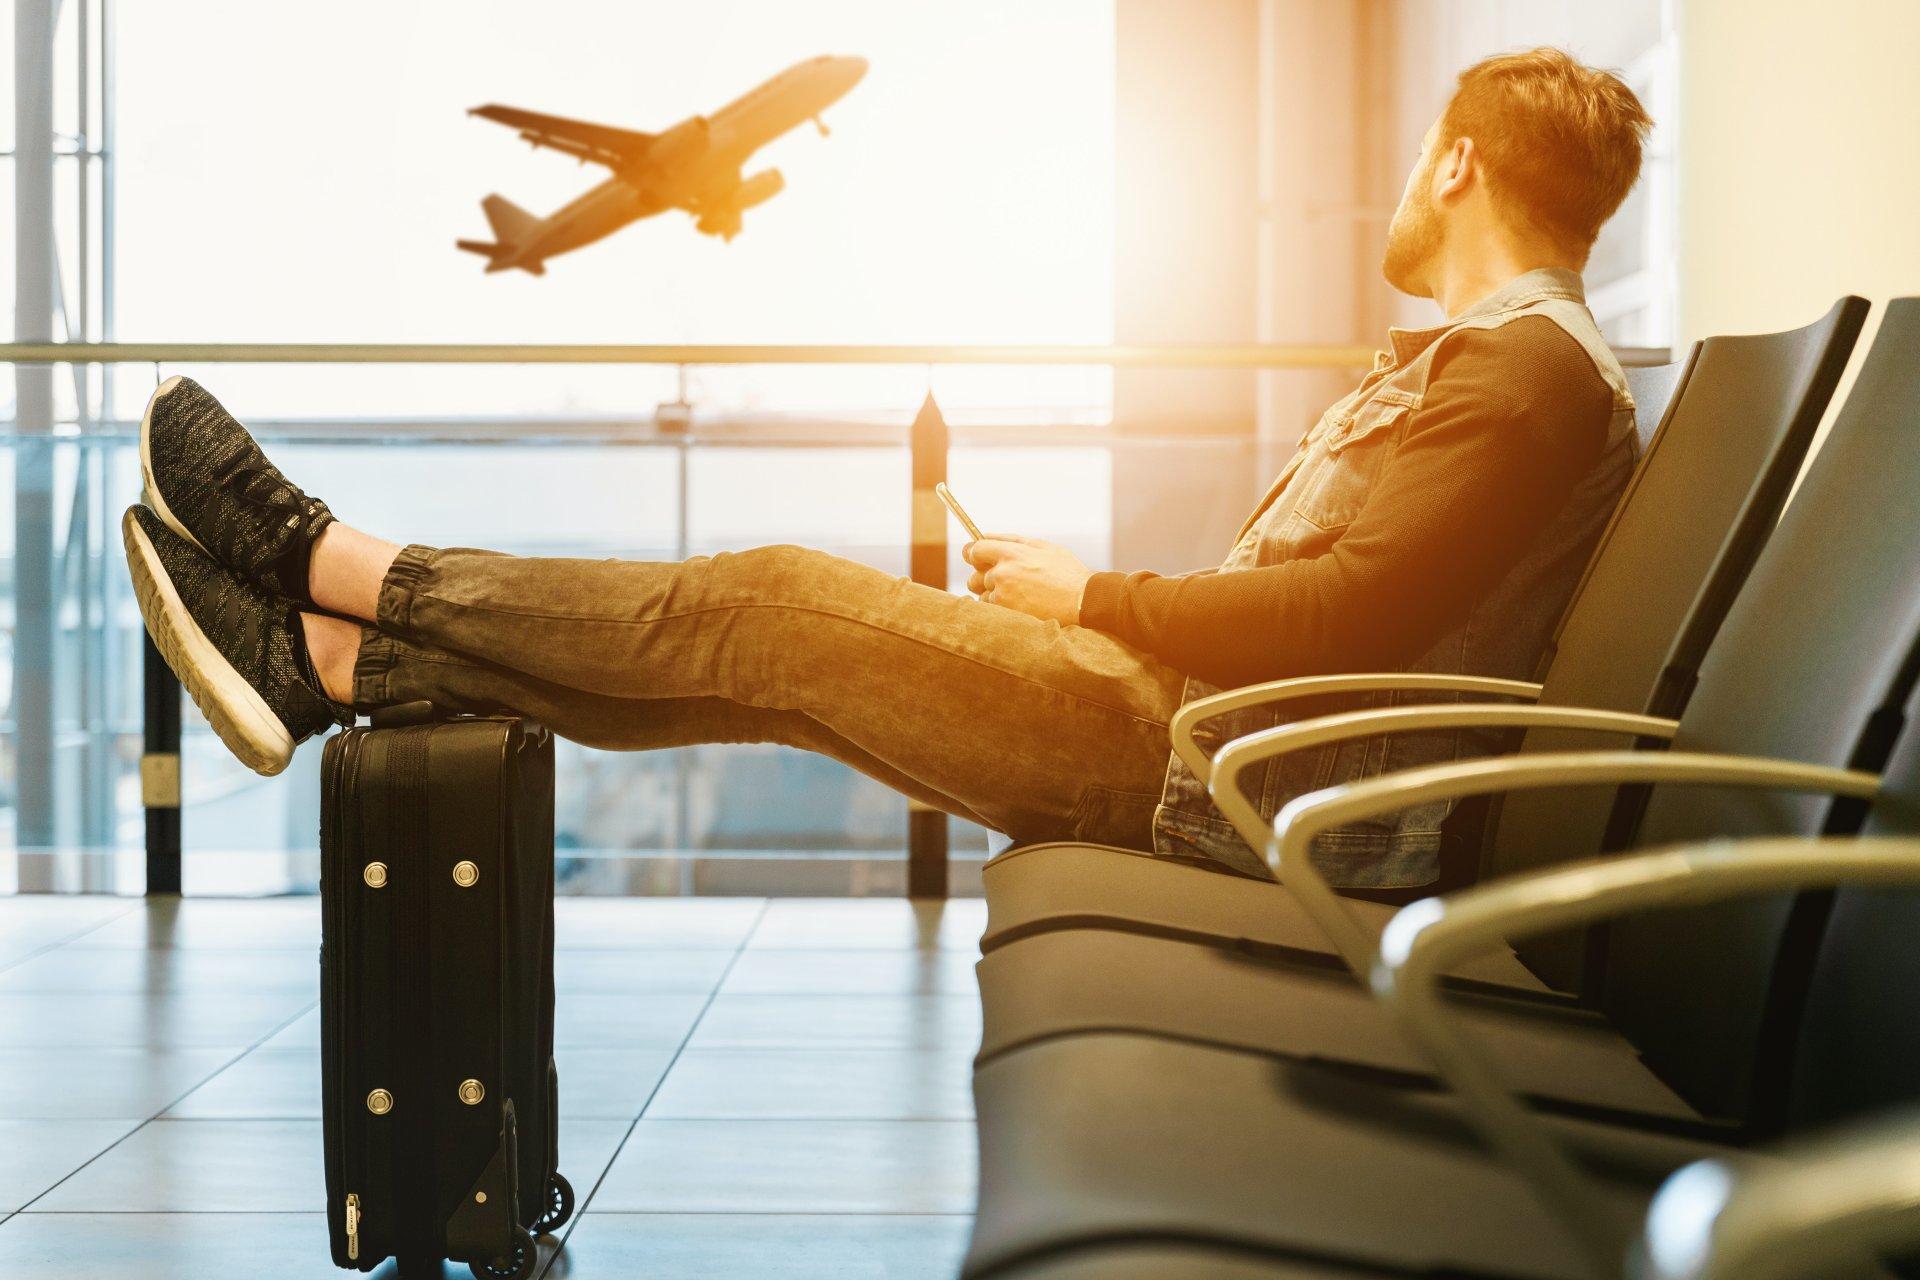 Αστική Ευθύνη ταξιδιωτικού γραφείου Tour Operator